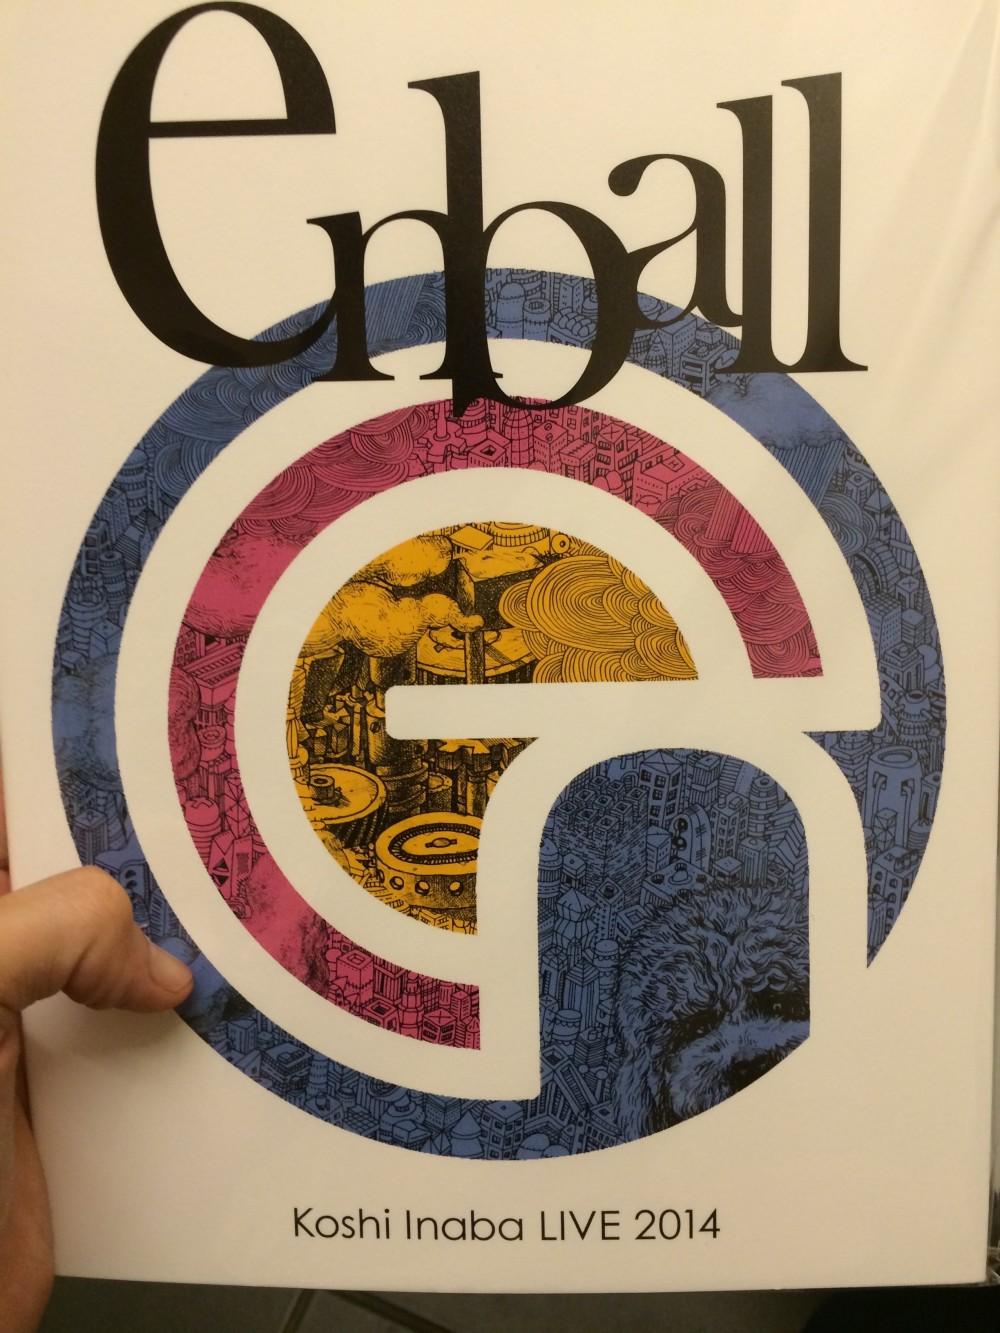 稲葉浩志ソロライブ「en-ball」のパンフイラストを担当したのは誰??